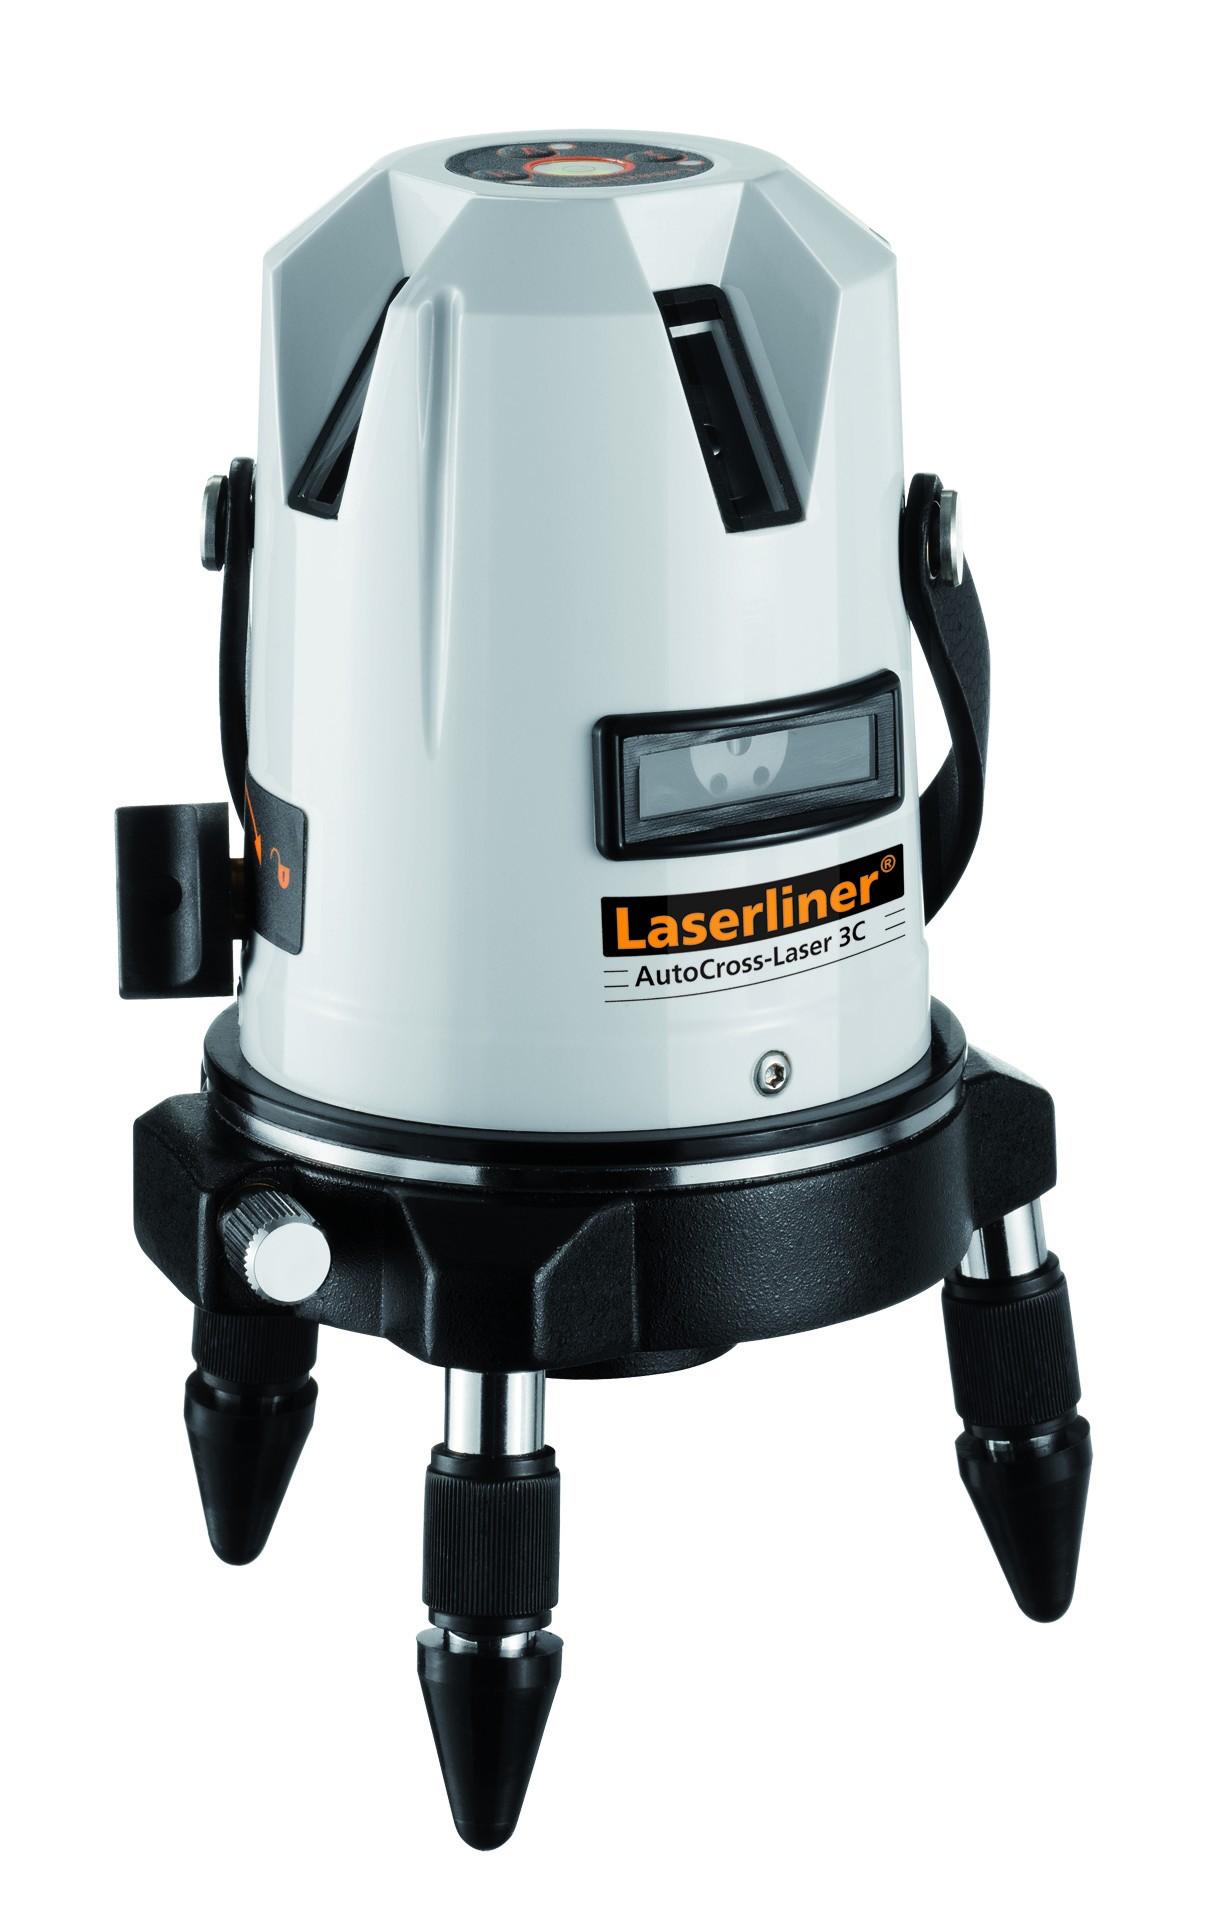 Αλφάδι Laser AutoCross Laser 3C Laserliner